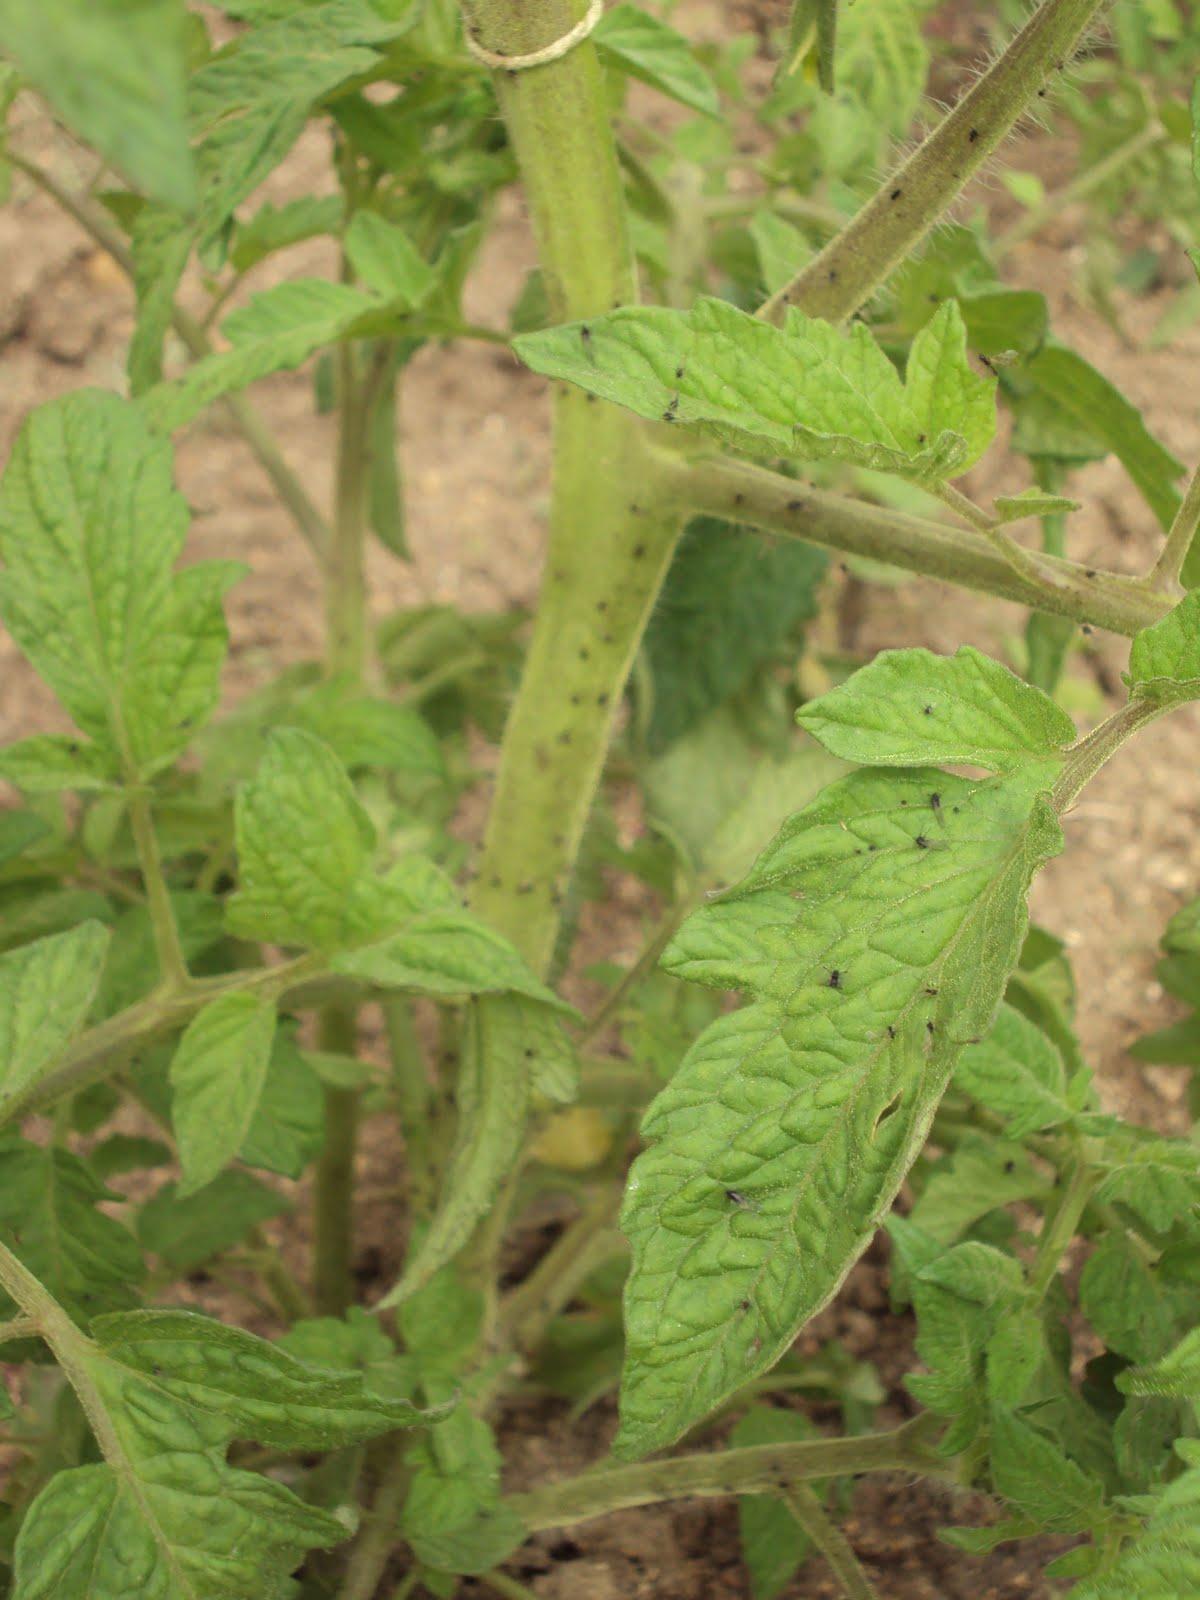 En torno al huerto vuelve el pulg n - Pulgon en plantas ...